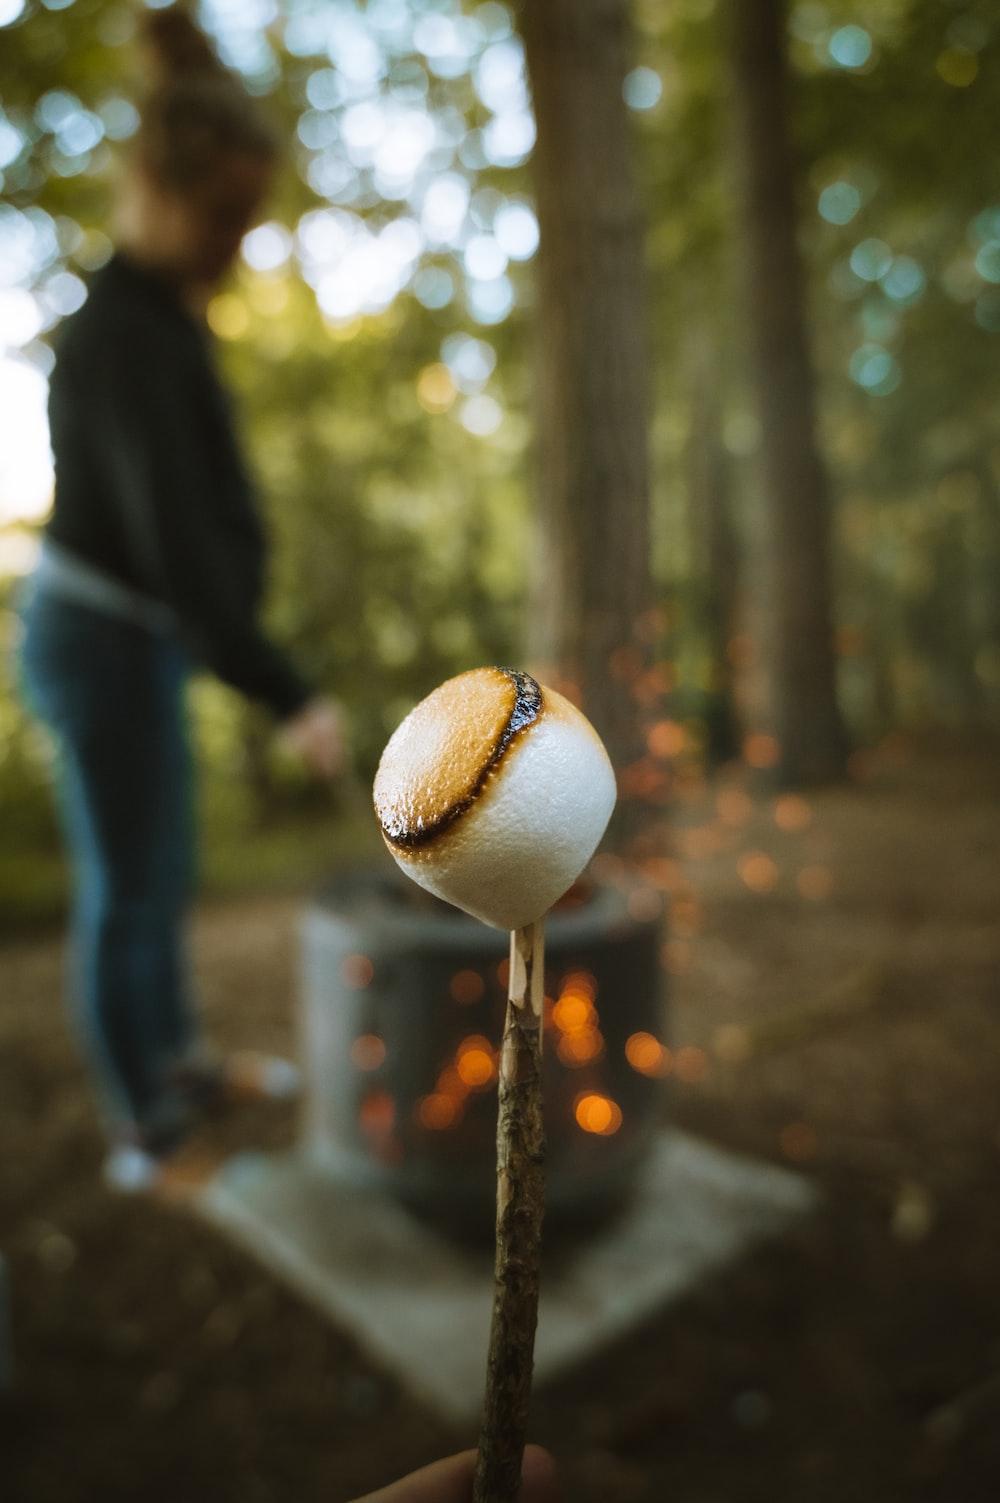 brown mushroom in tilt shift lens